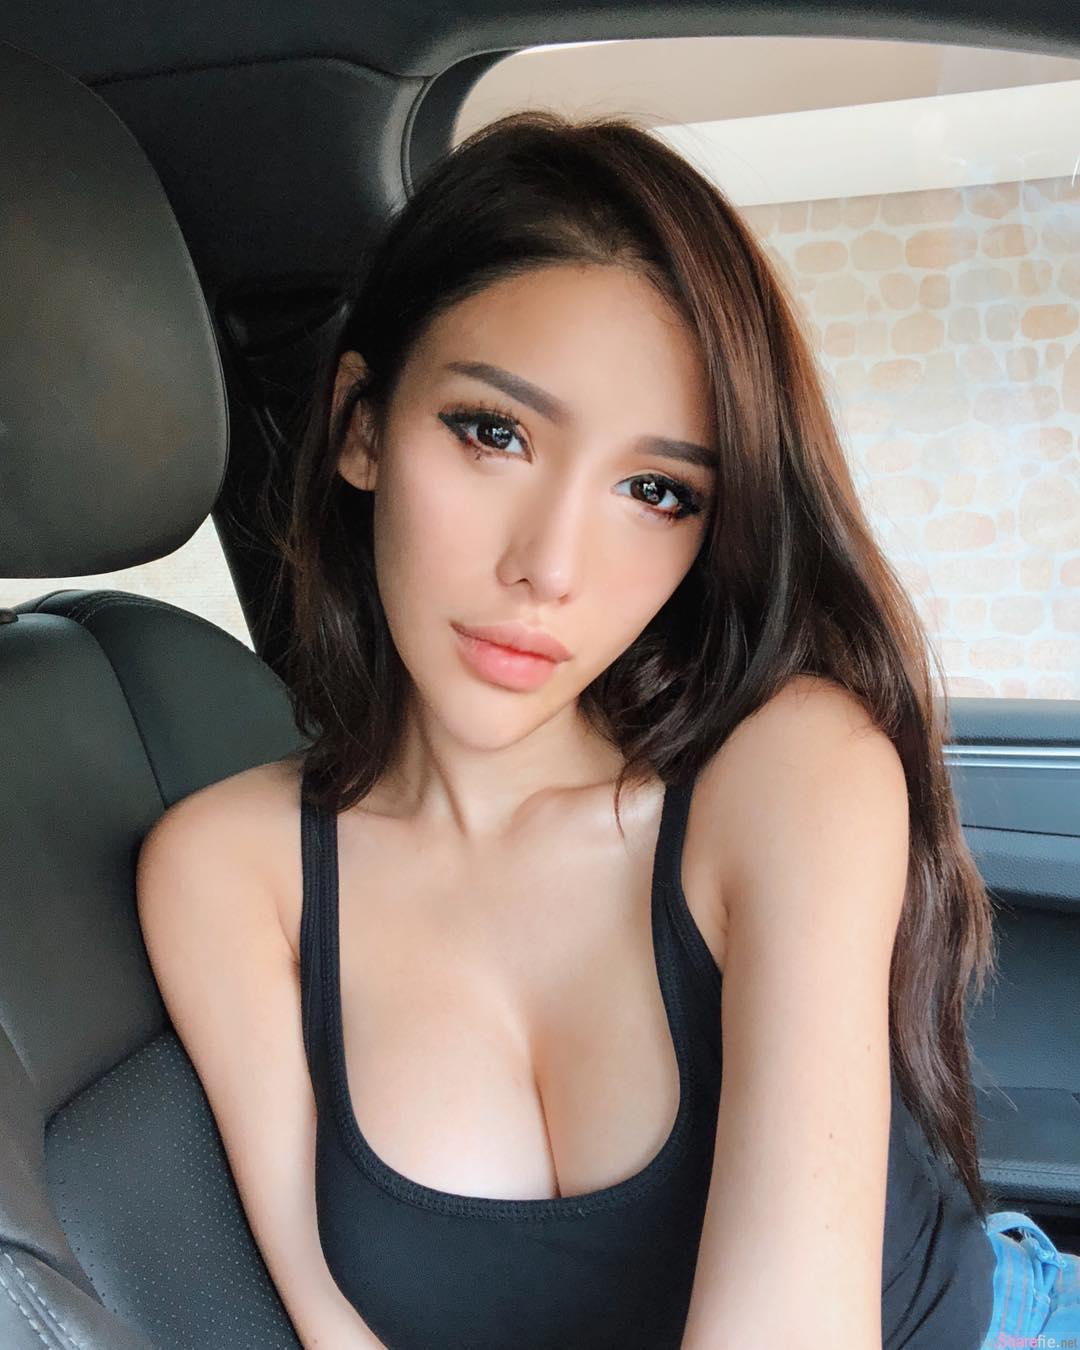 新加坡火辣DJ Jade Rasif,比基尼大秀饱满身材,网友:乳晕探头走光啦